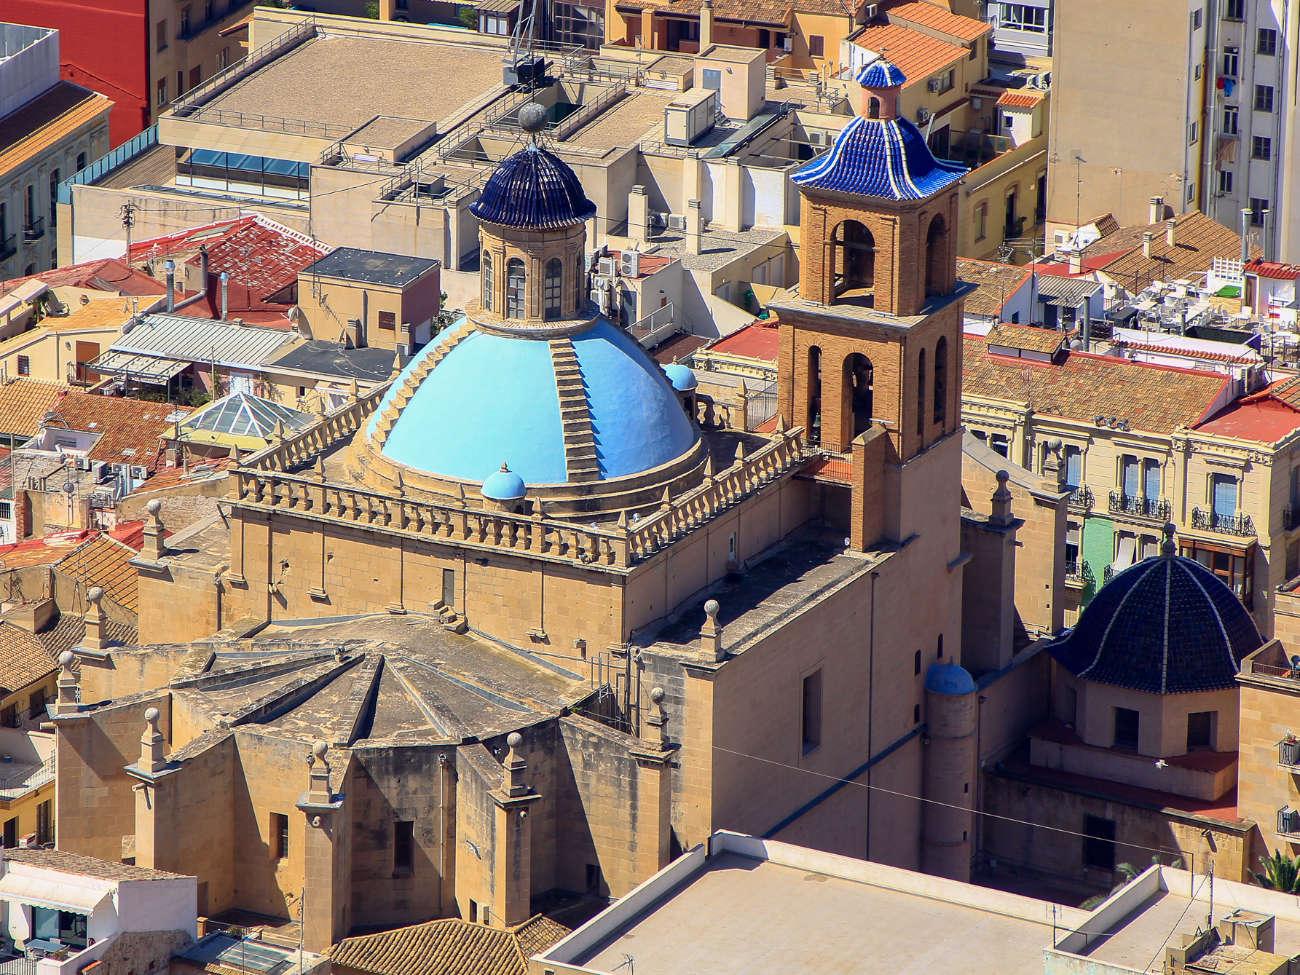 Concatedral de San Nicolás Alicante